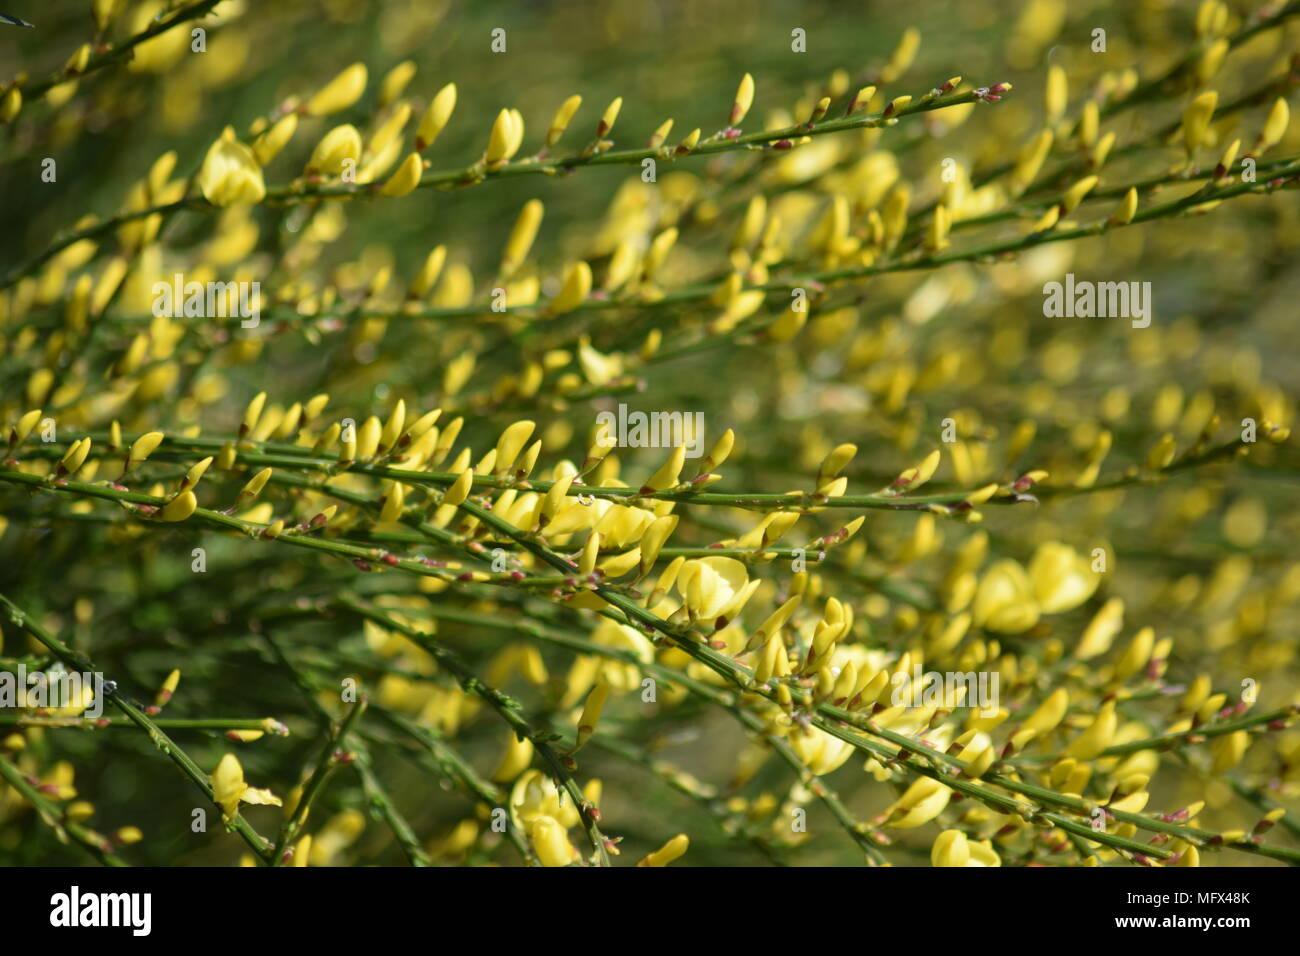 Arbusto A Fiori Gialli a fioritura primaverile arbusto giardino: il fiore giallo